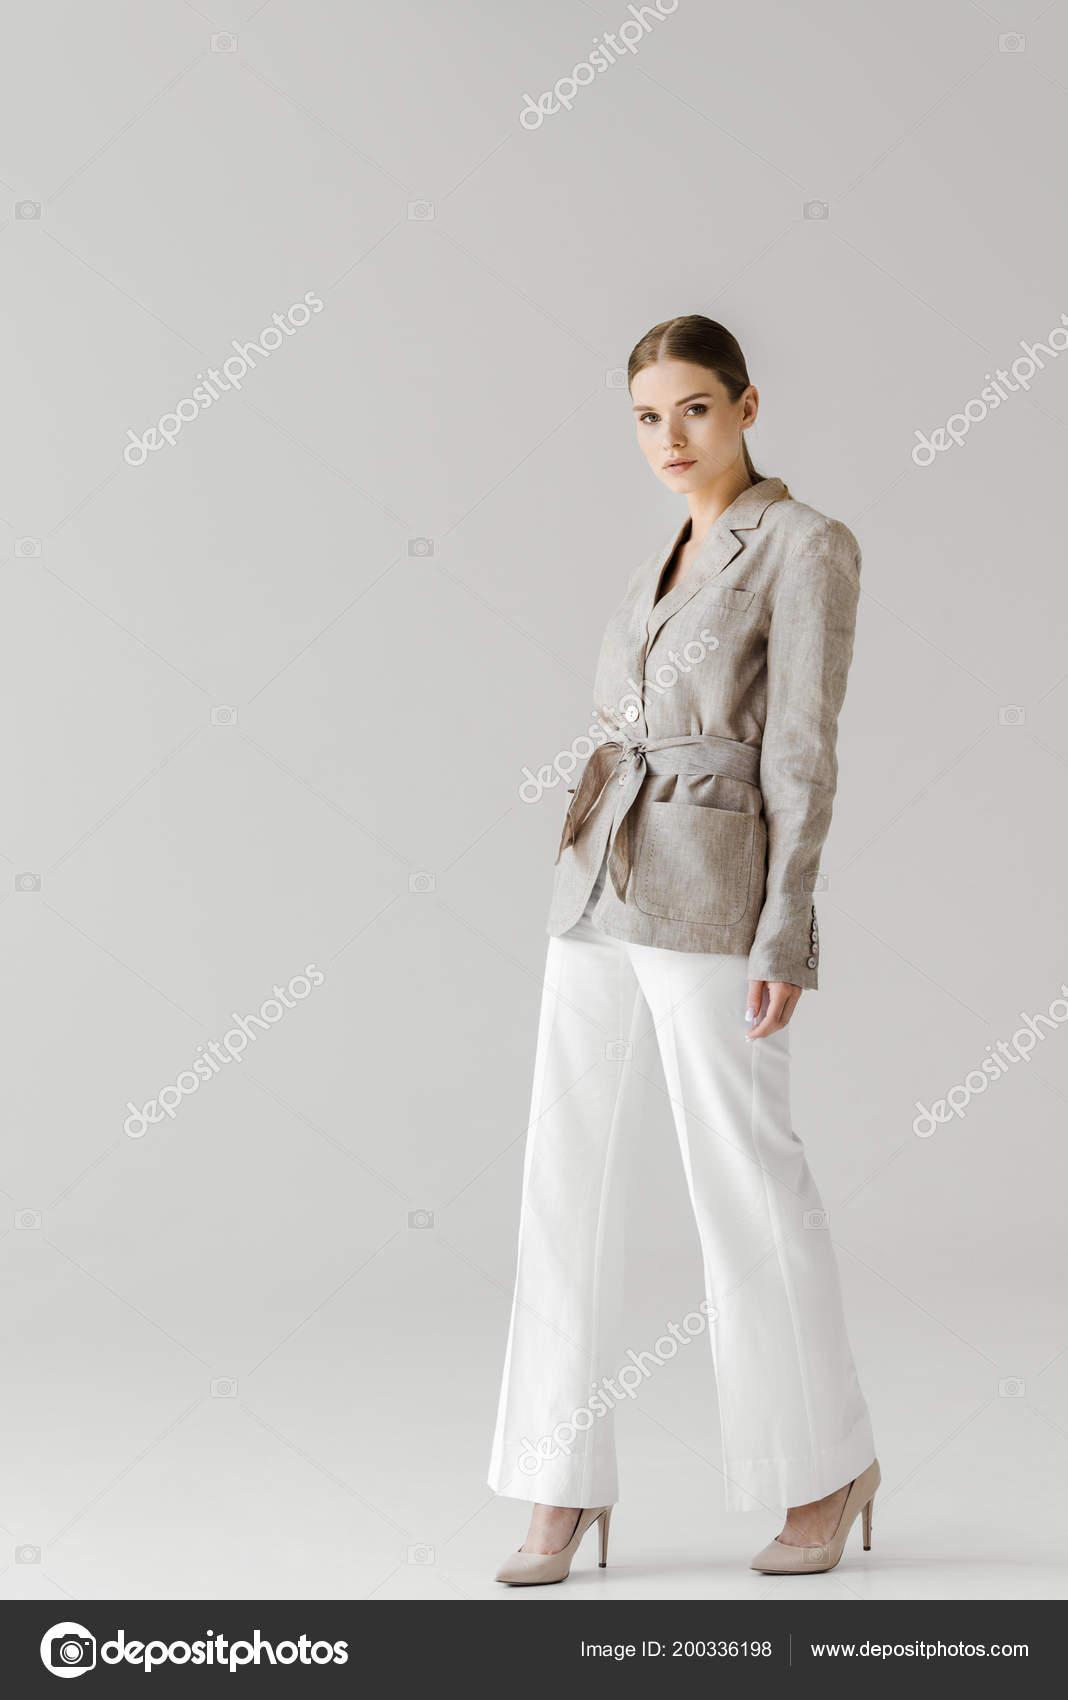 81a8d5220b6d Ελκυστική Νεαρή Γυναίκα Vintage Ρούχα Λευκό — Φωτογραφία Αρχείου ...